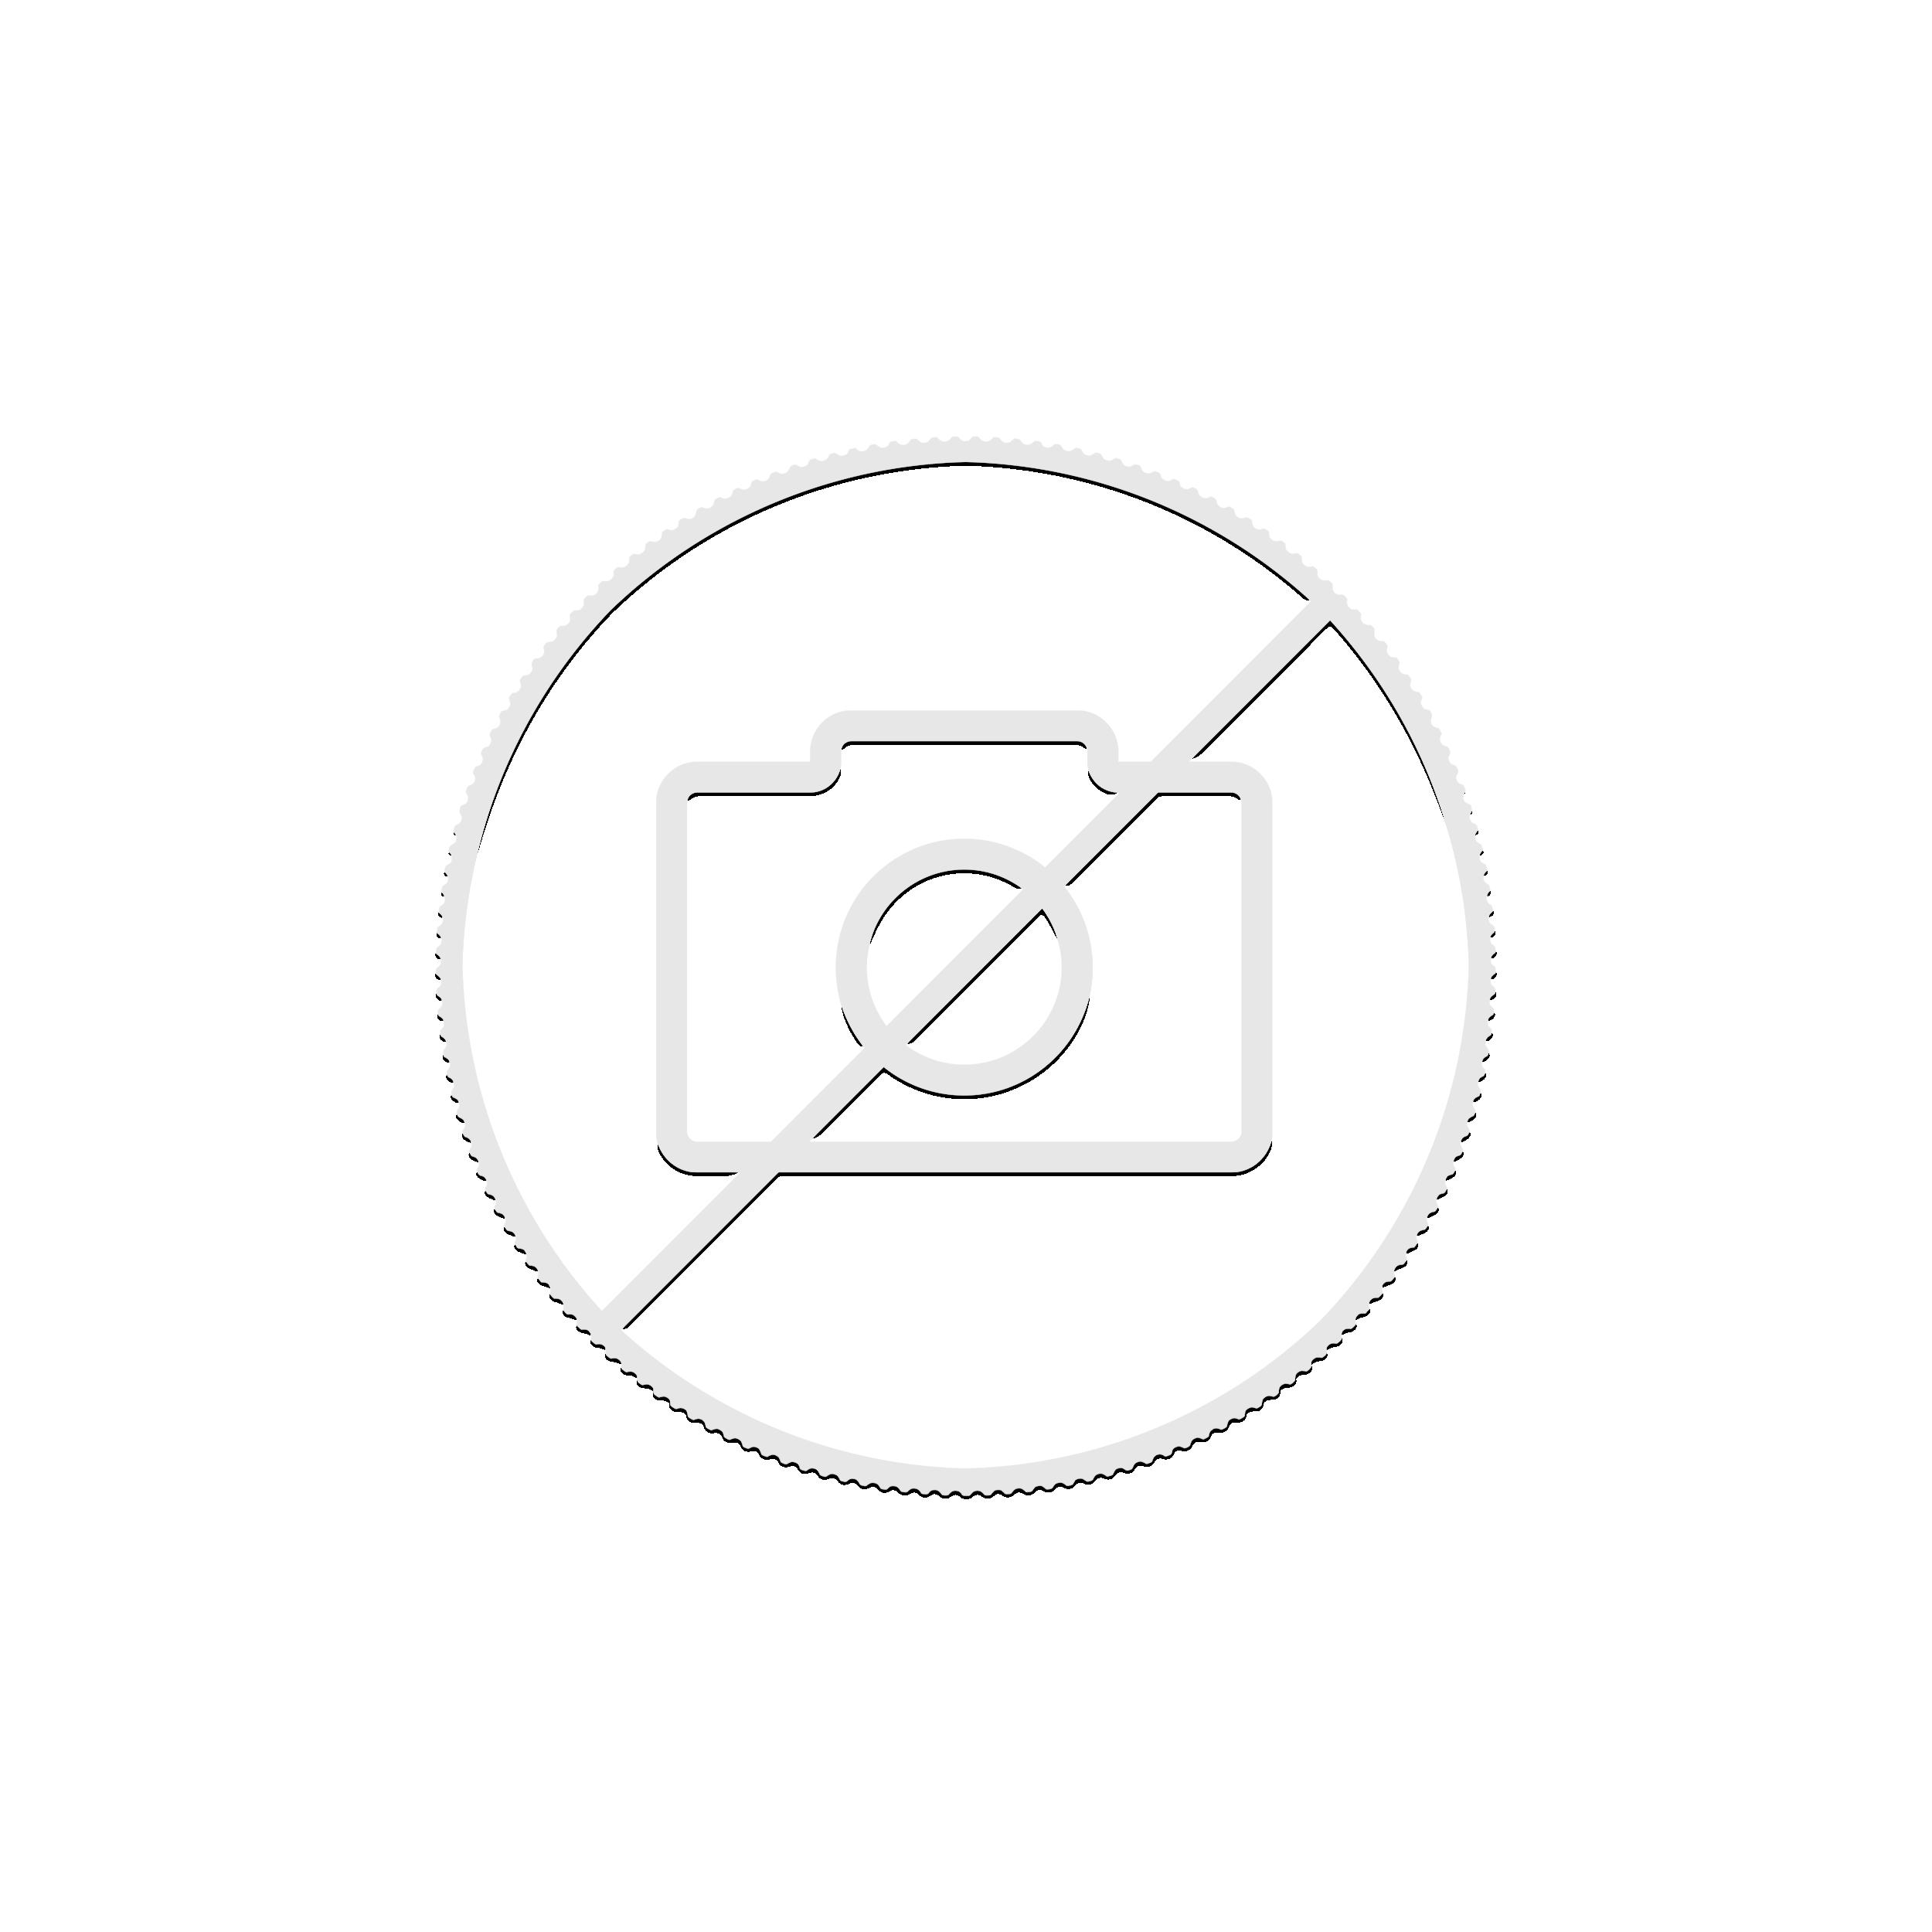 1 Troy ounce zilveren munt Germania Proof